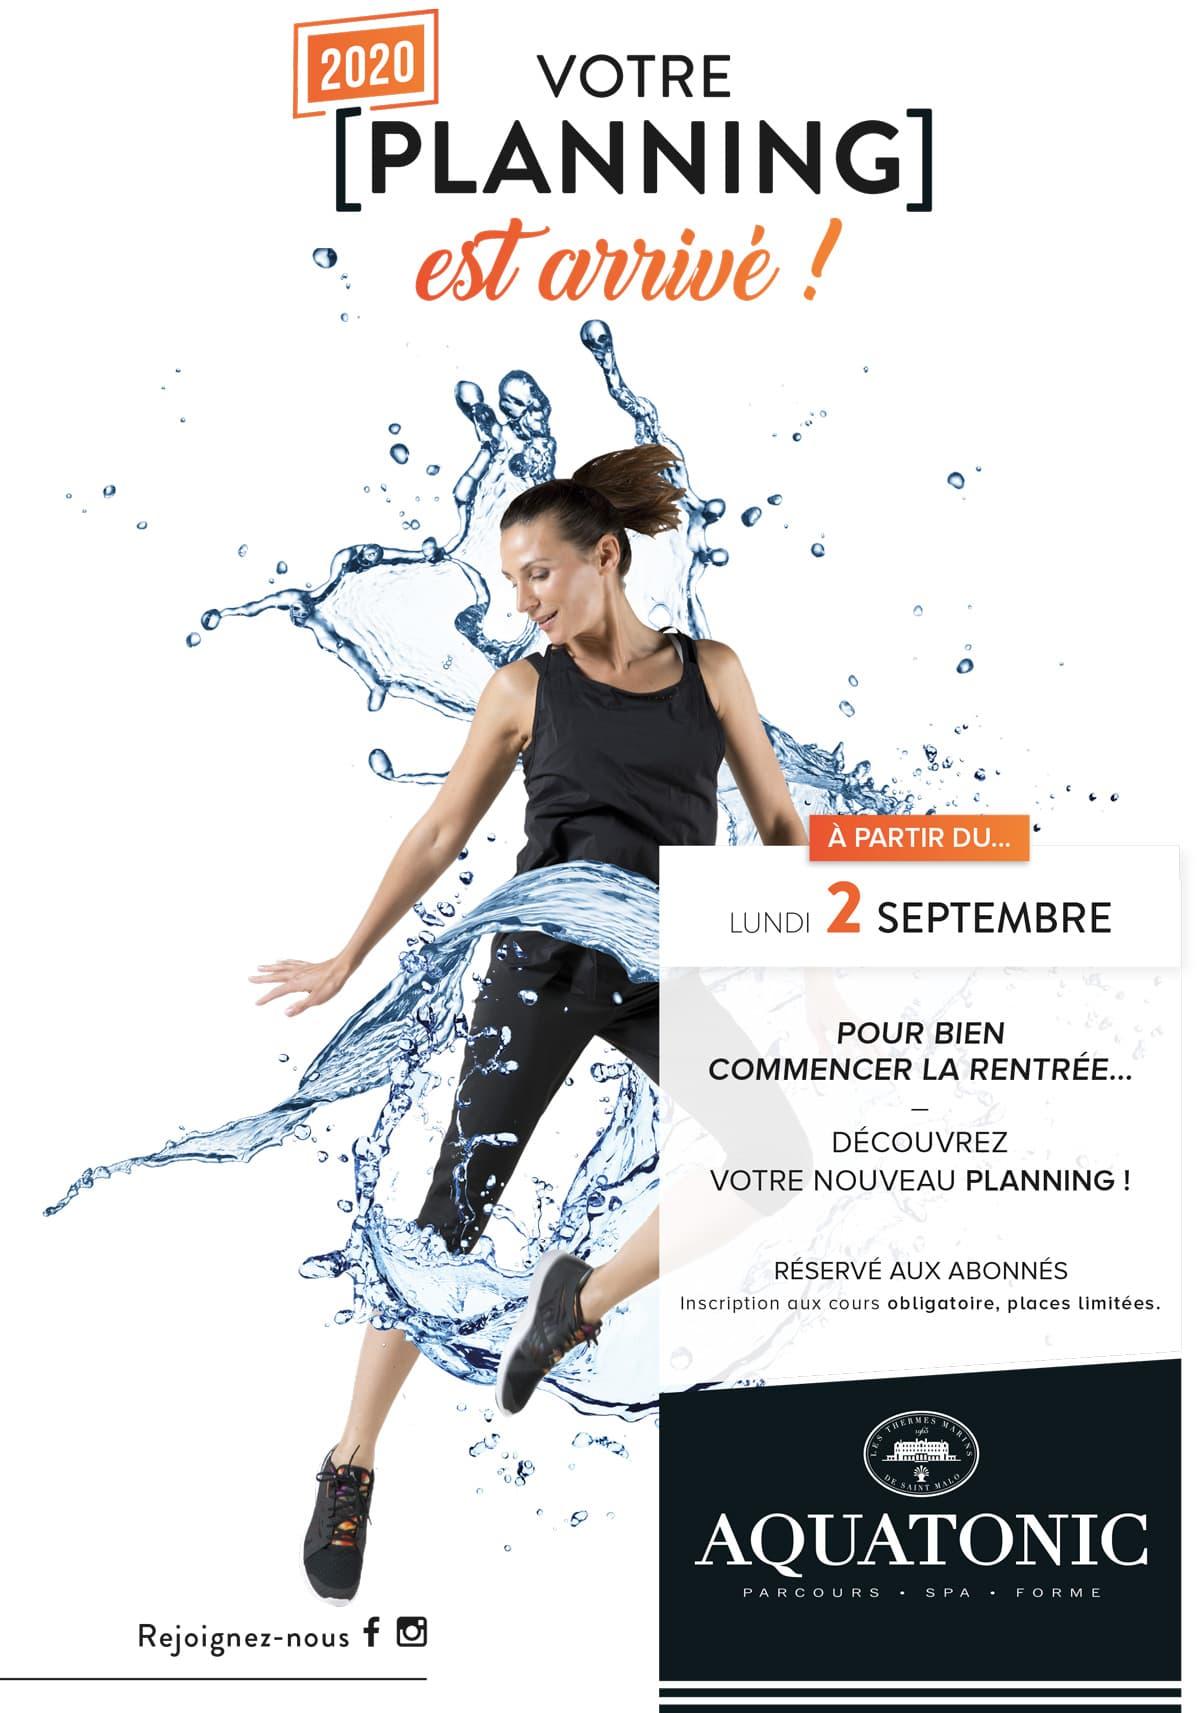 Aquatonic Rennes : planning de rentrée